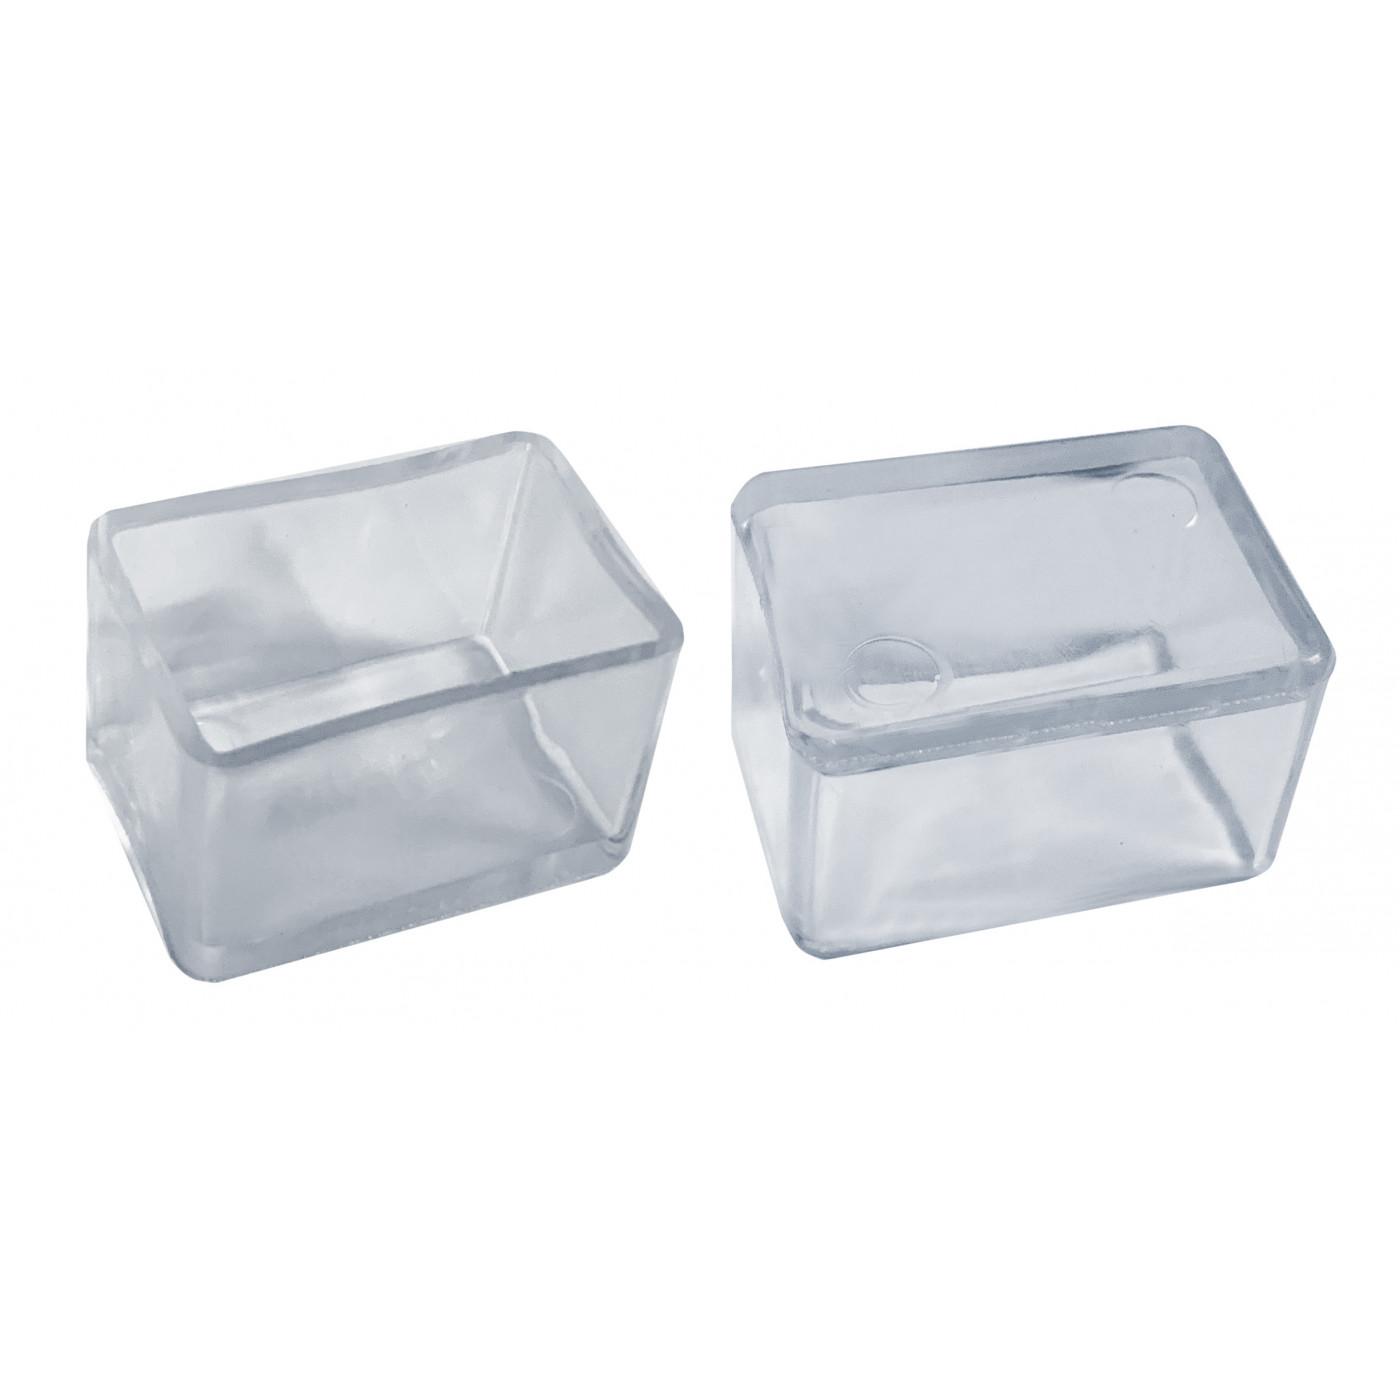 Juego de 32 tapas de silicona para patas de silla (exterior, rectangular, 20x30 mm, transparente) [O-RA-20x30-T]  - 1